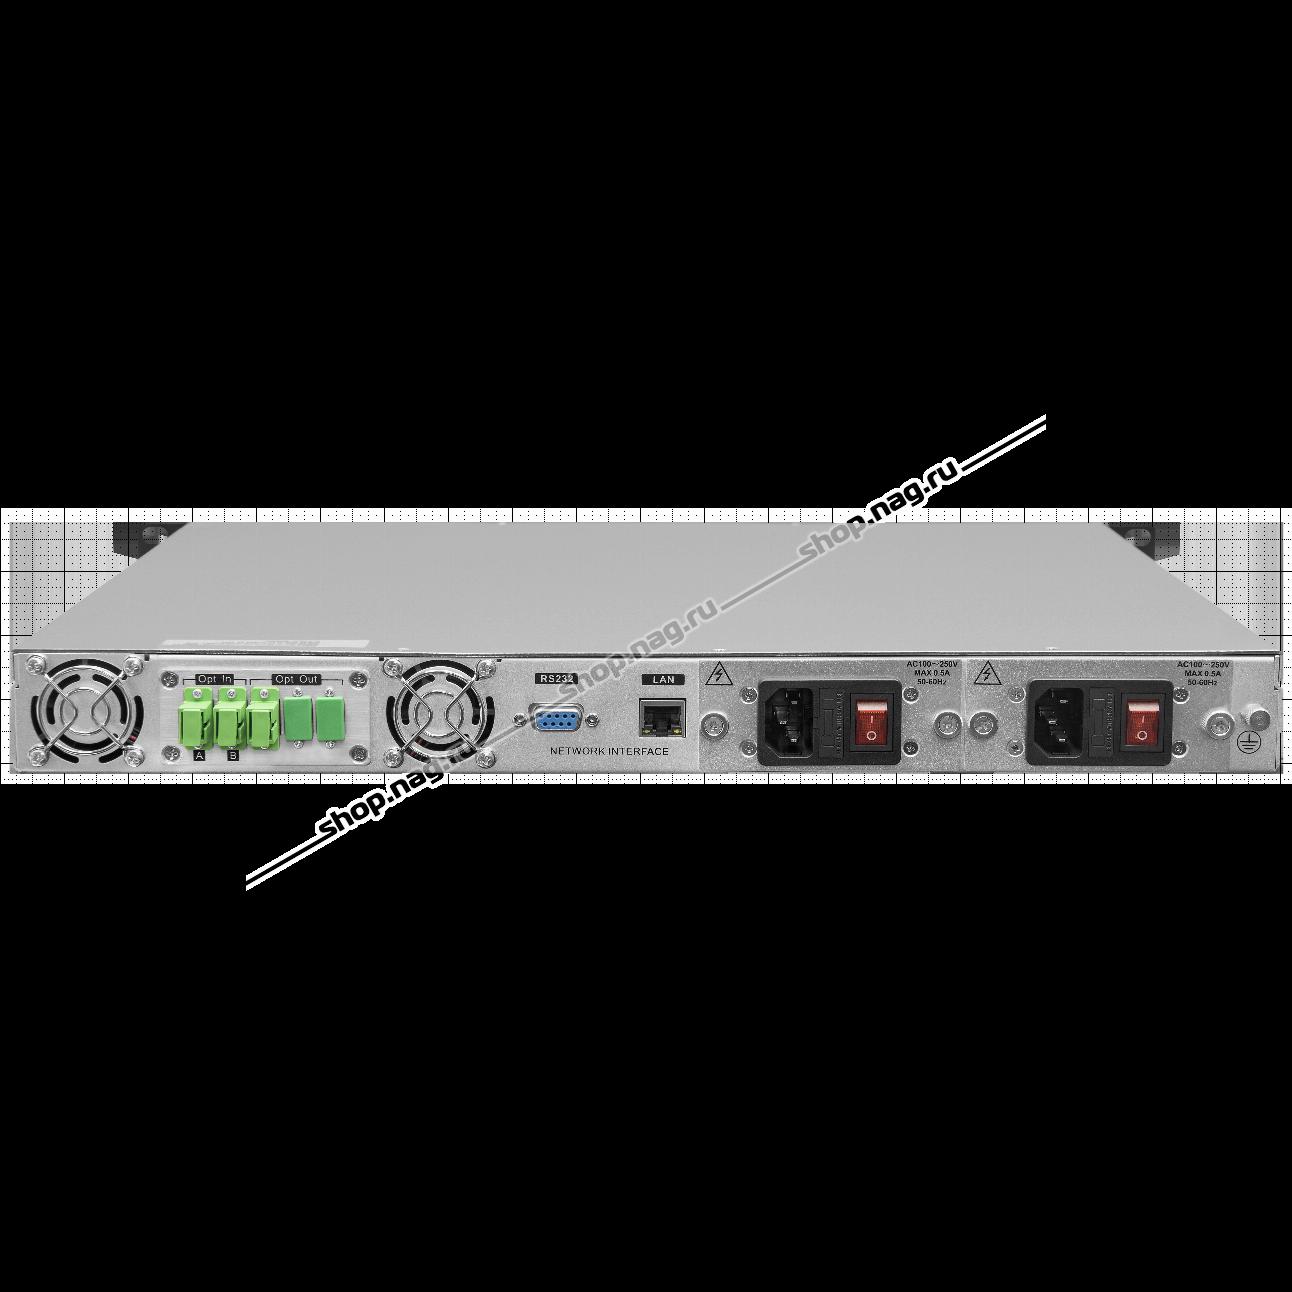 Оптический усилитель VERMAX для сетей КТВ, 21dBm выход, 2 входа